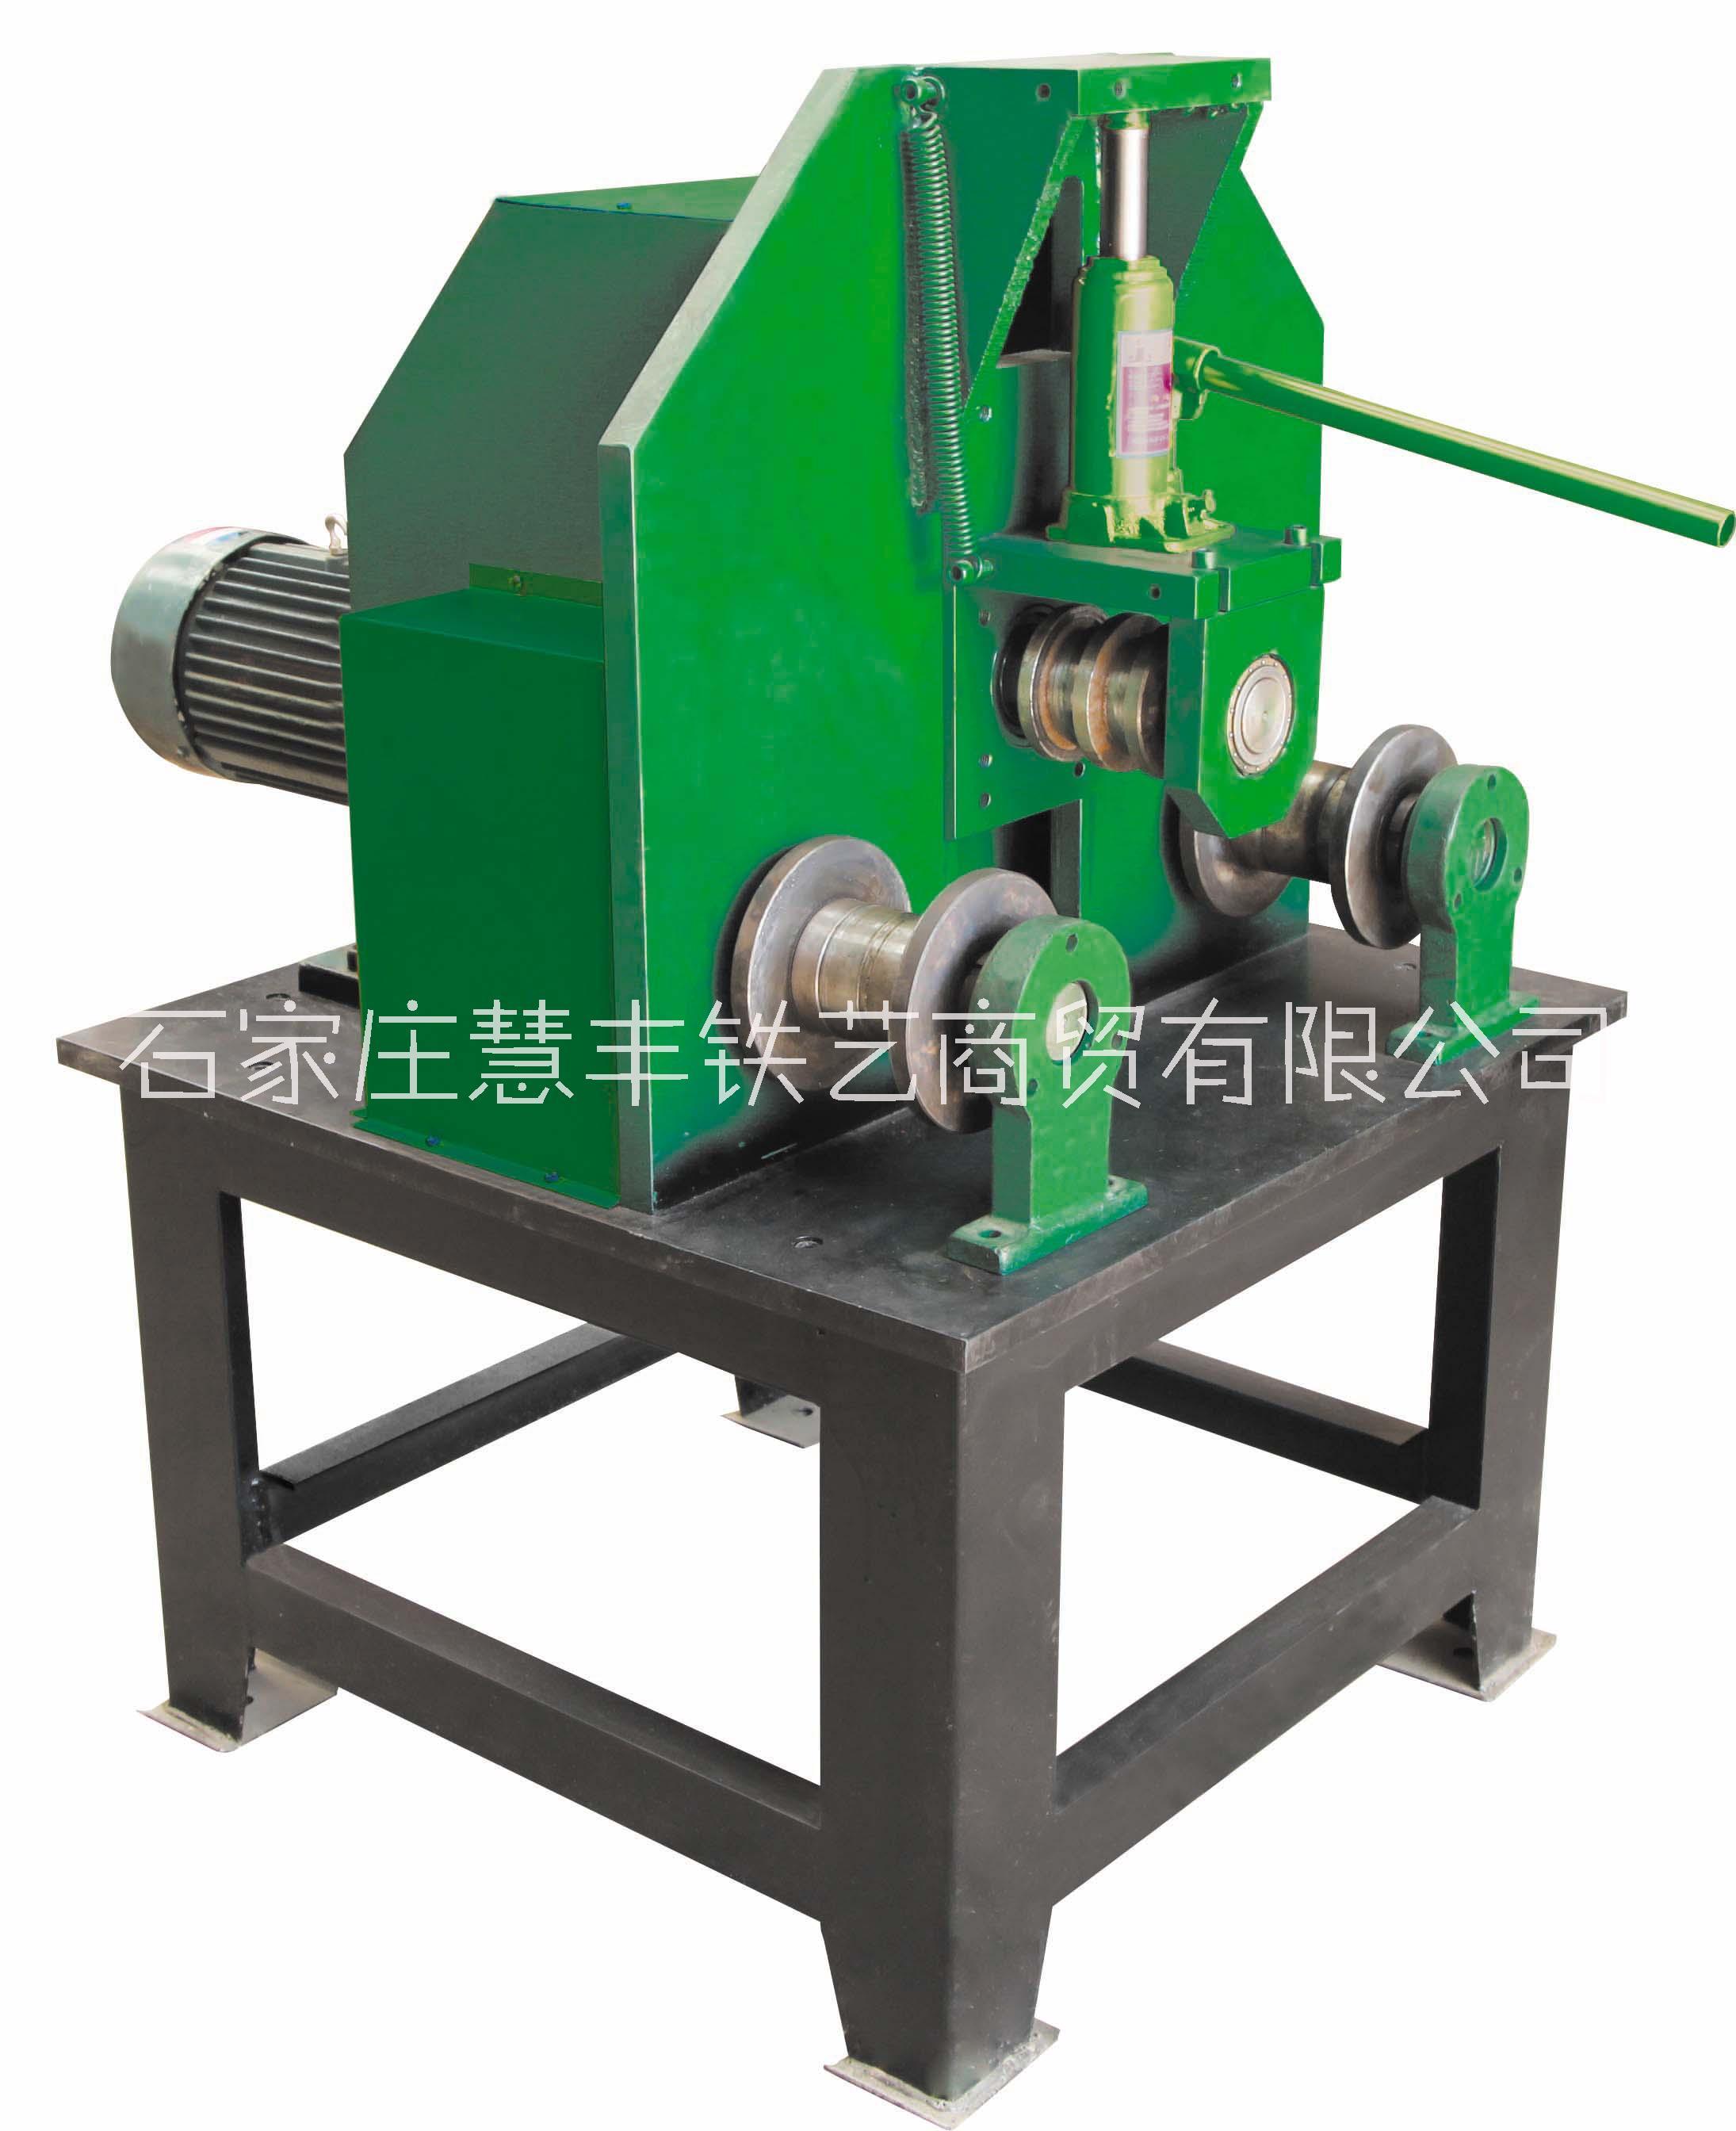 C3新式电动弯管机,铁艺设备,铁艺机器